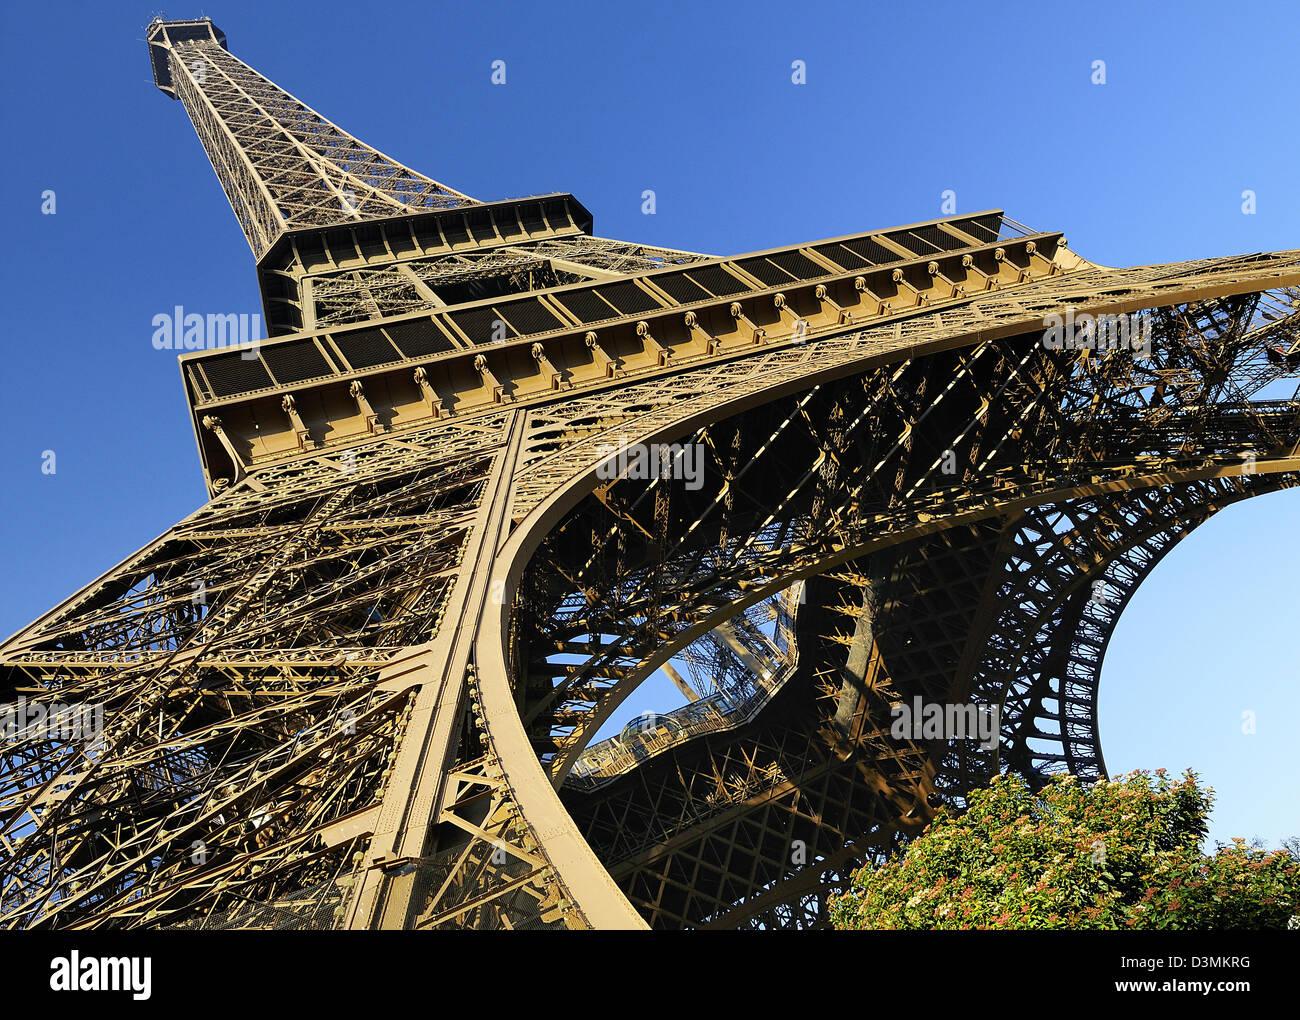 Détail architectural de la célèbre Tour Eiffel, Paris, France Photo Stock